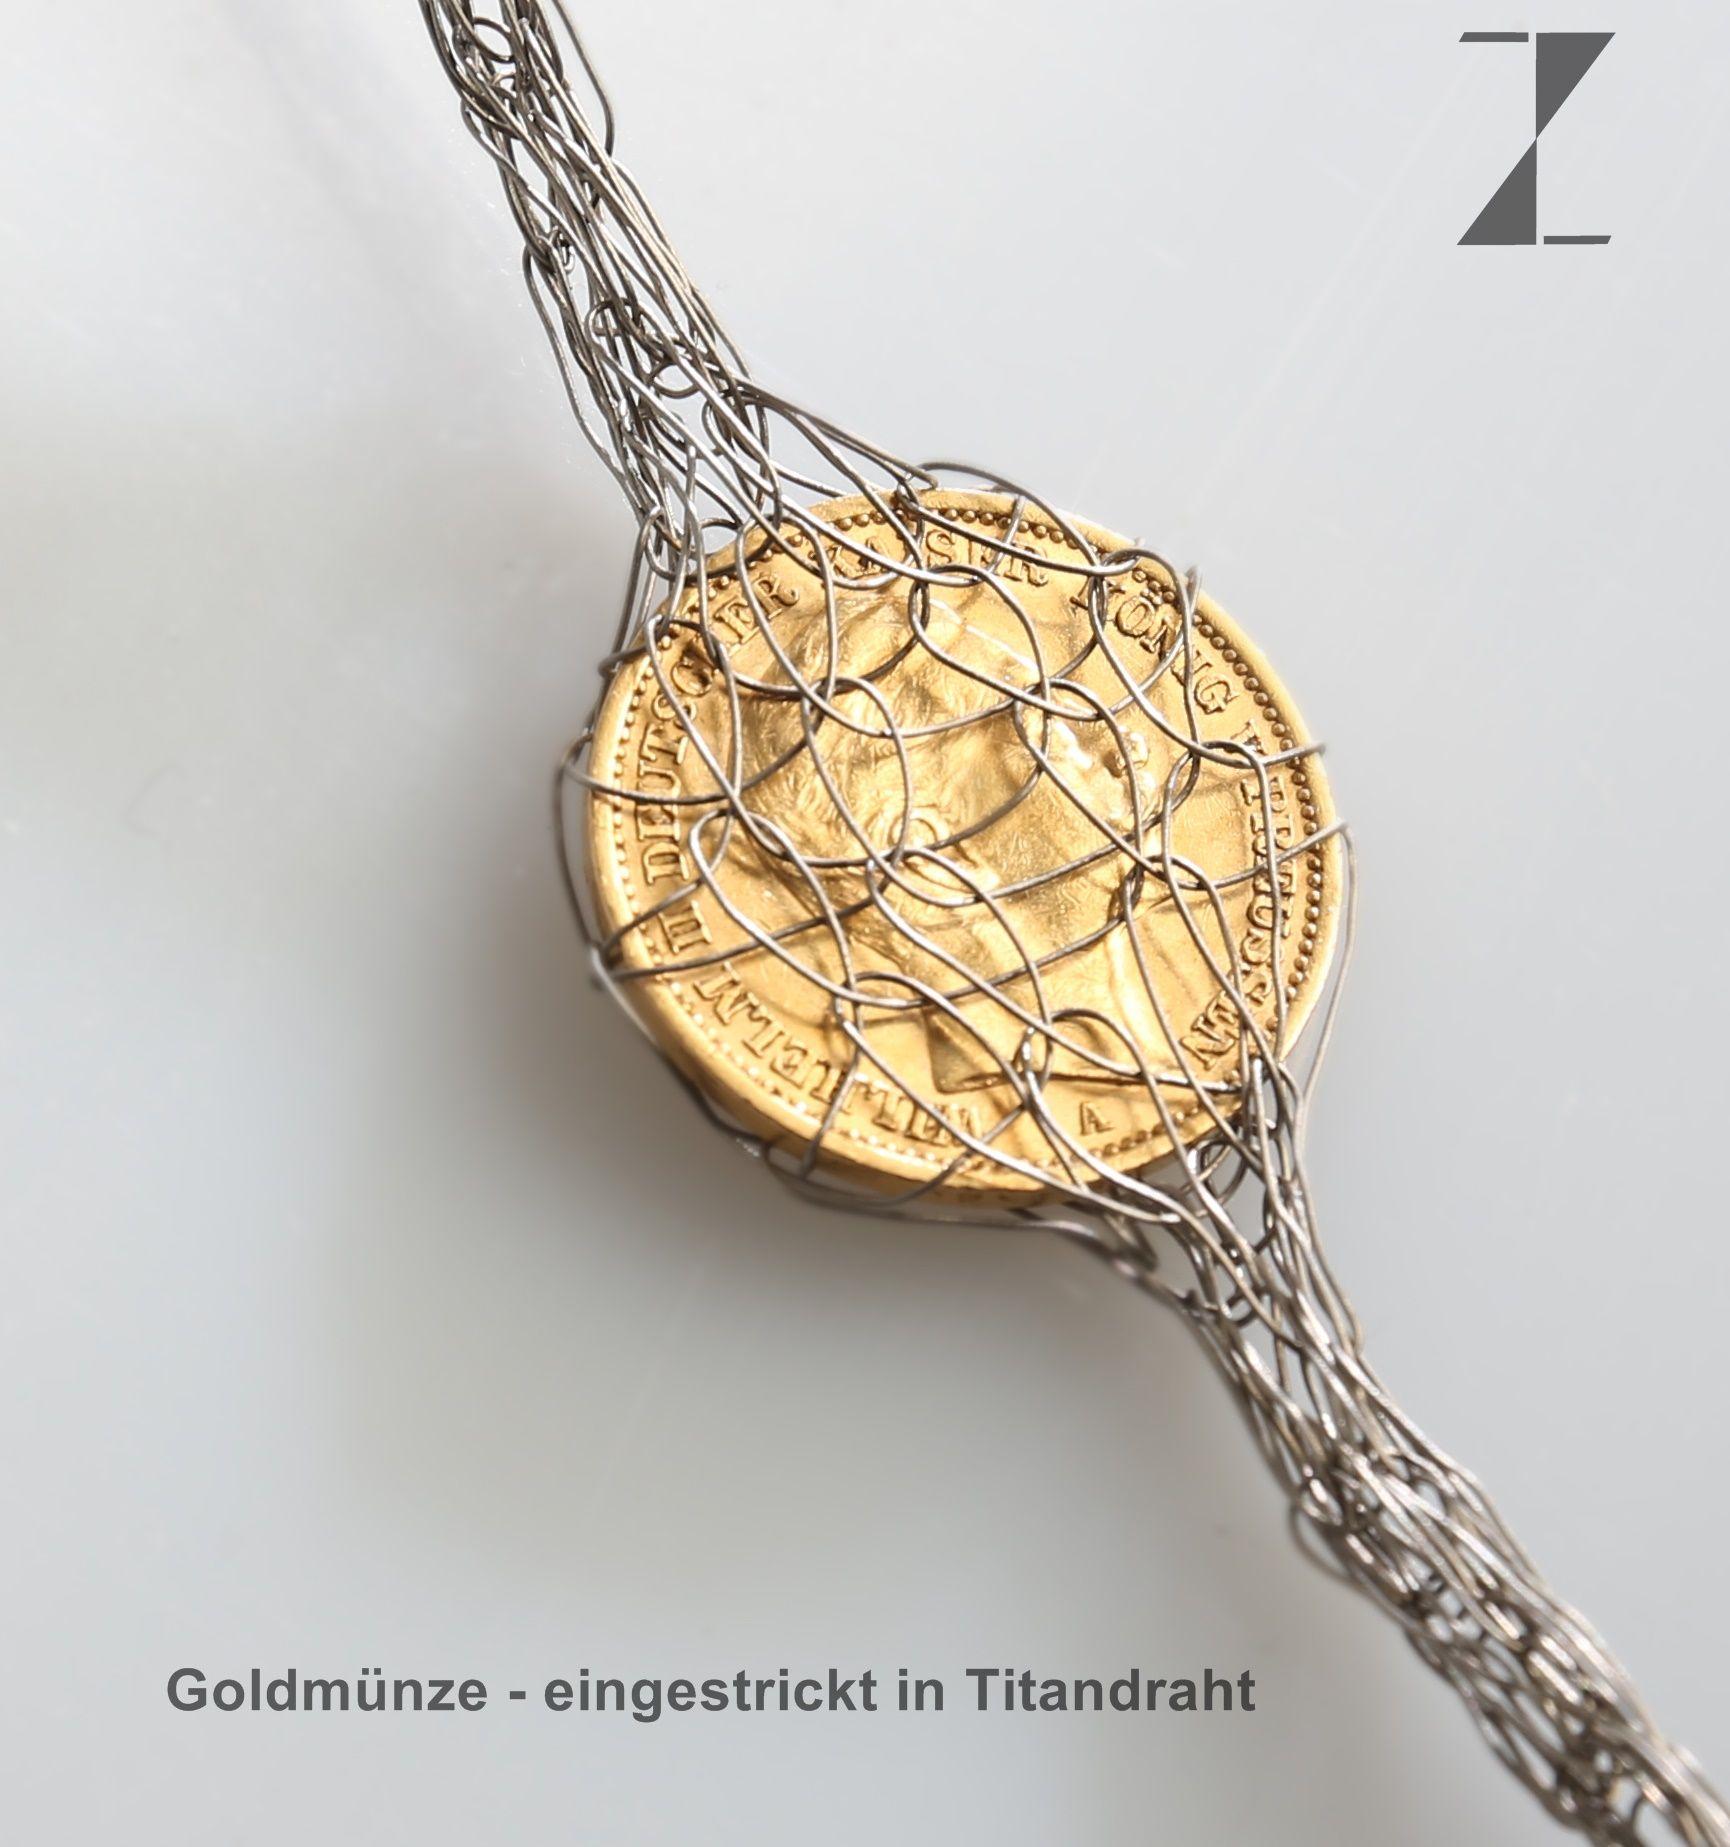 Titandraht von Hand verstrickt - Goldmünze eingestrickt- www.atelier ...